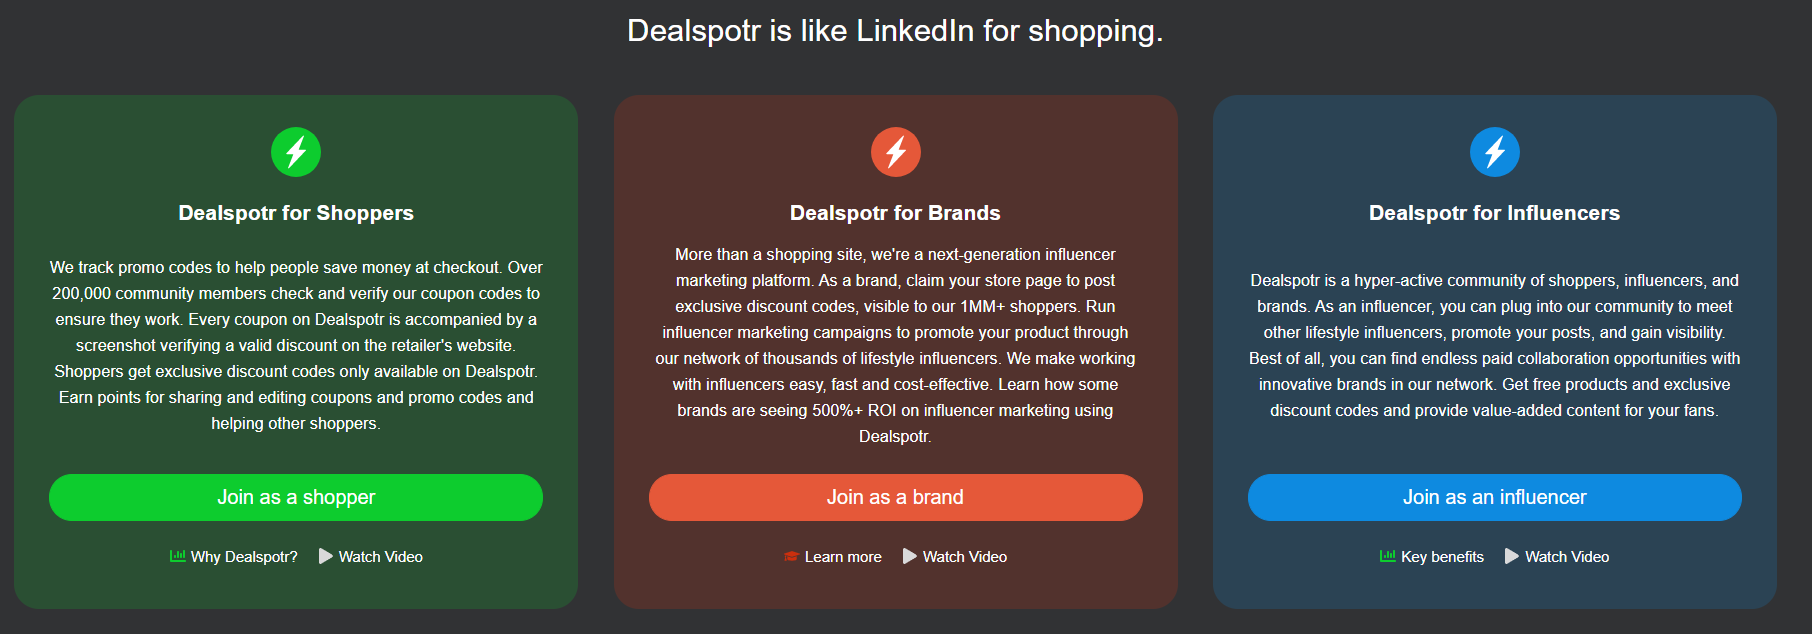 dealspotr deals